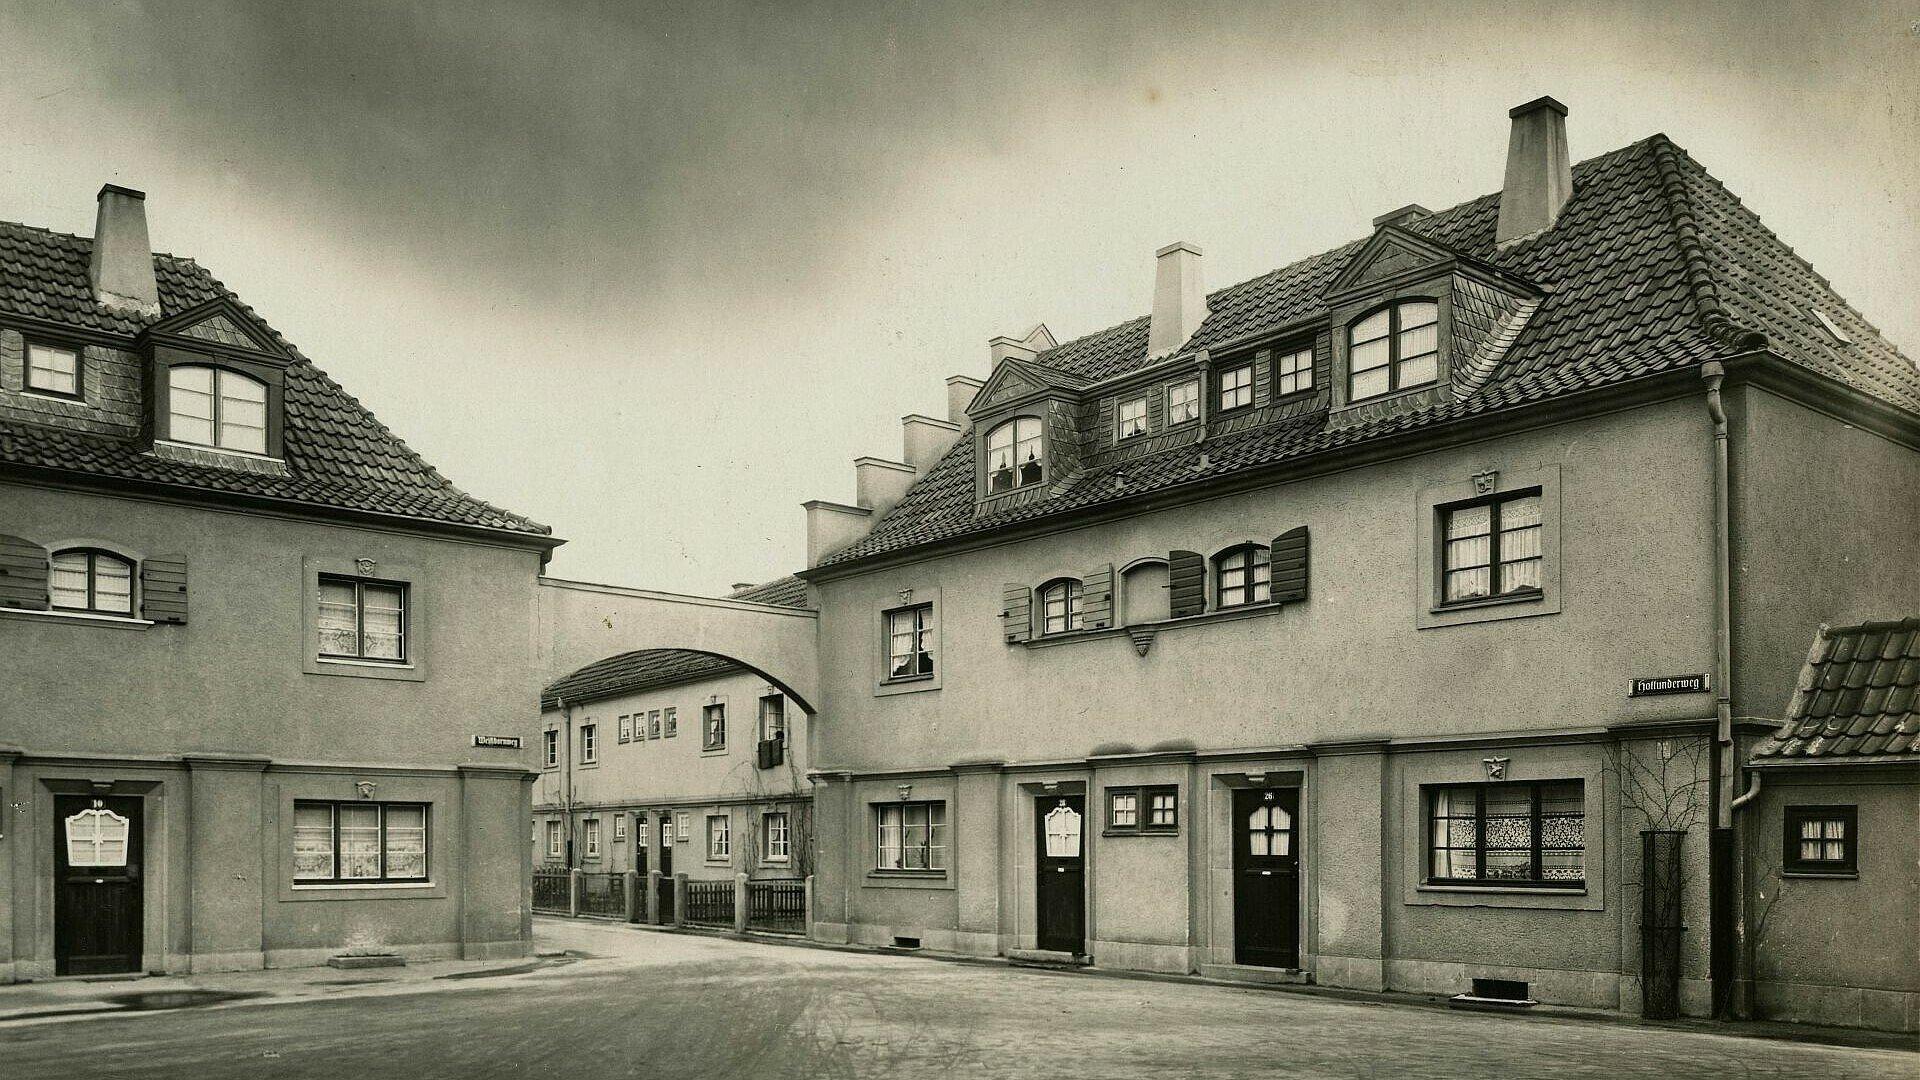 Historisches Foto der Siedlung Bickendorf I in Bickendorf